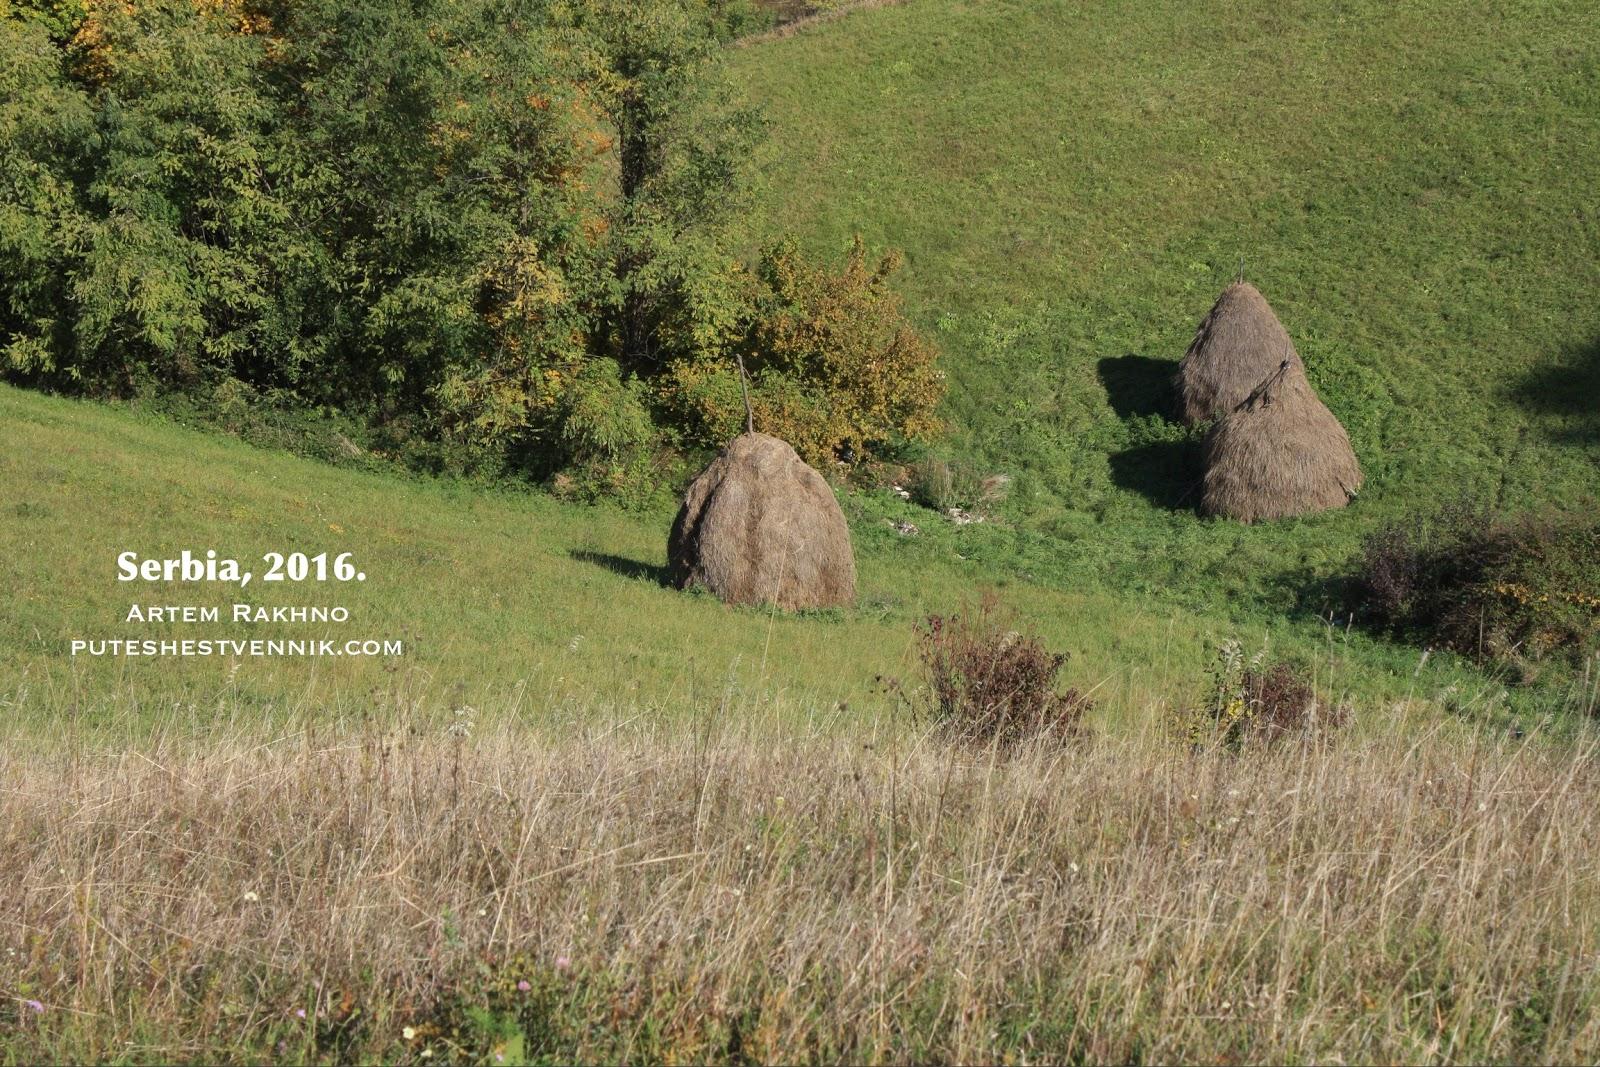 Три стога сена в поле в Сербии